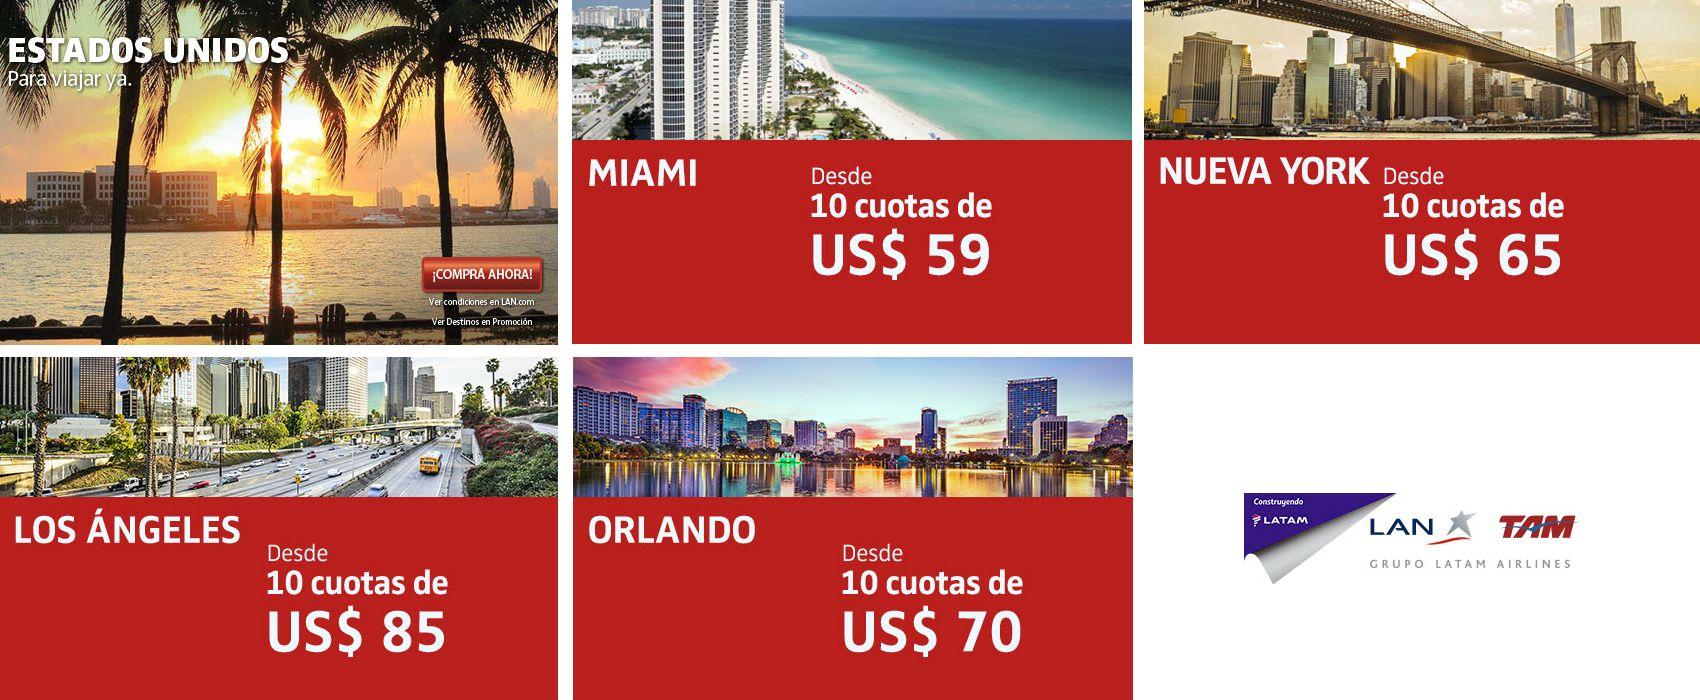 Promoción para viajar a Miami y Estados Unidos desde Uruguay con LATAM